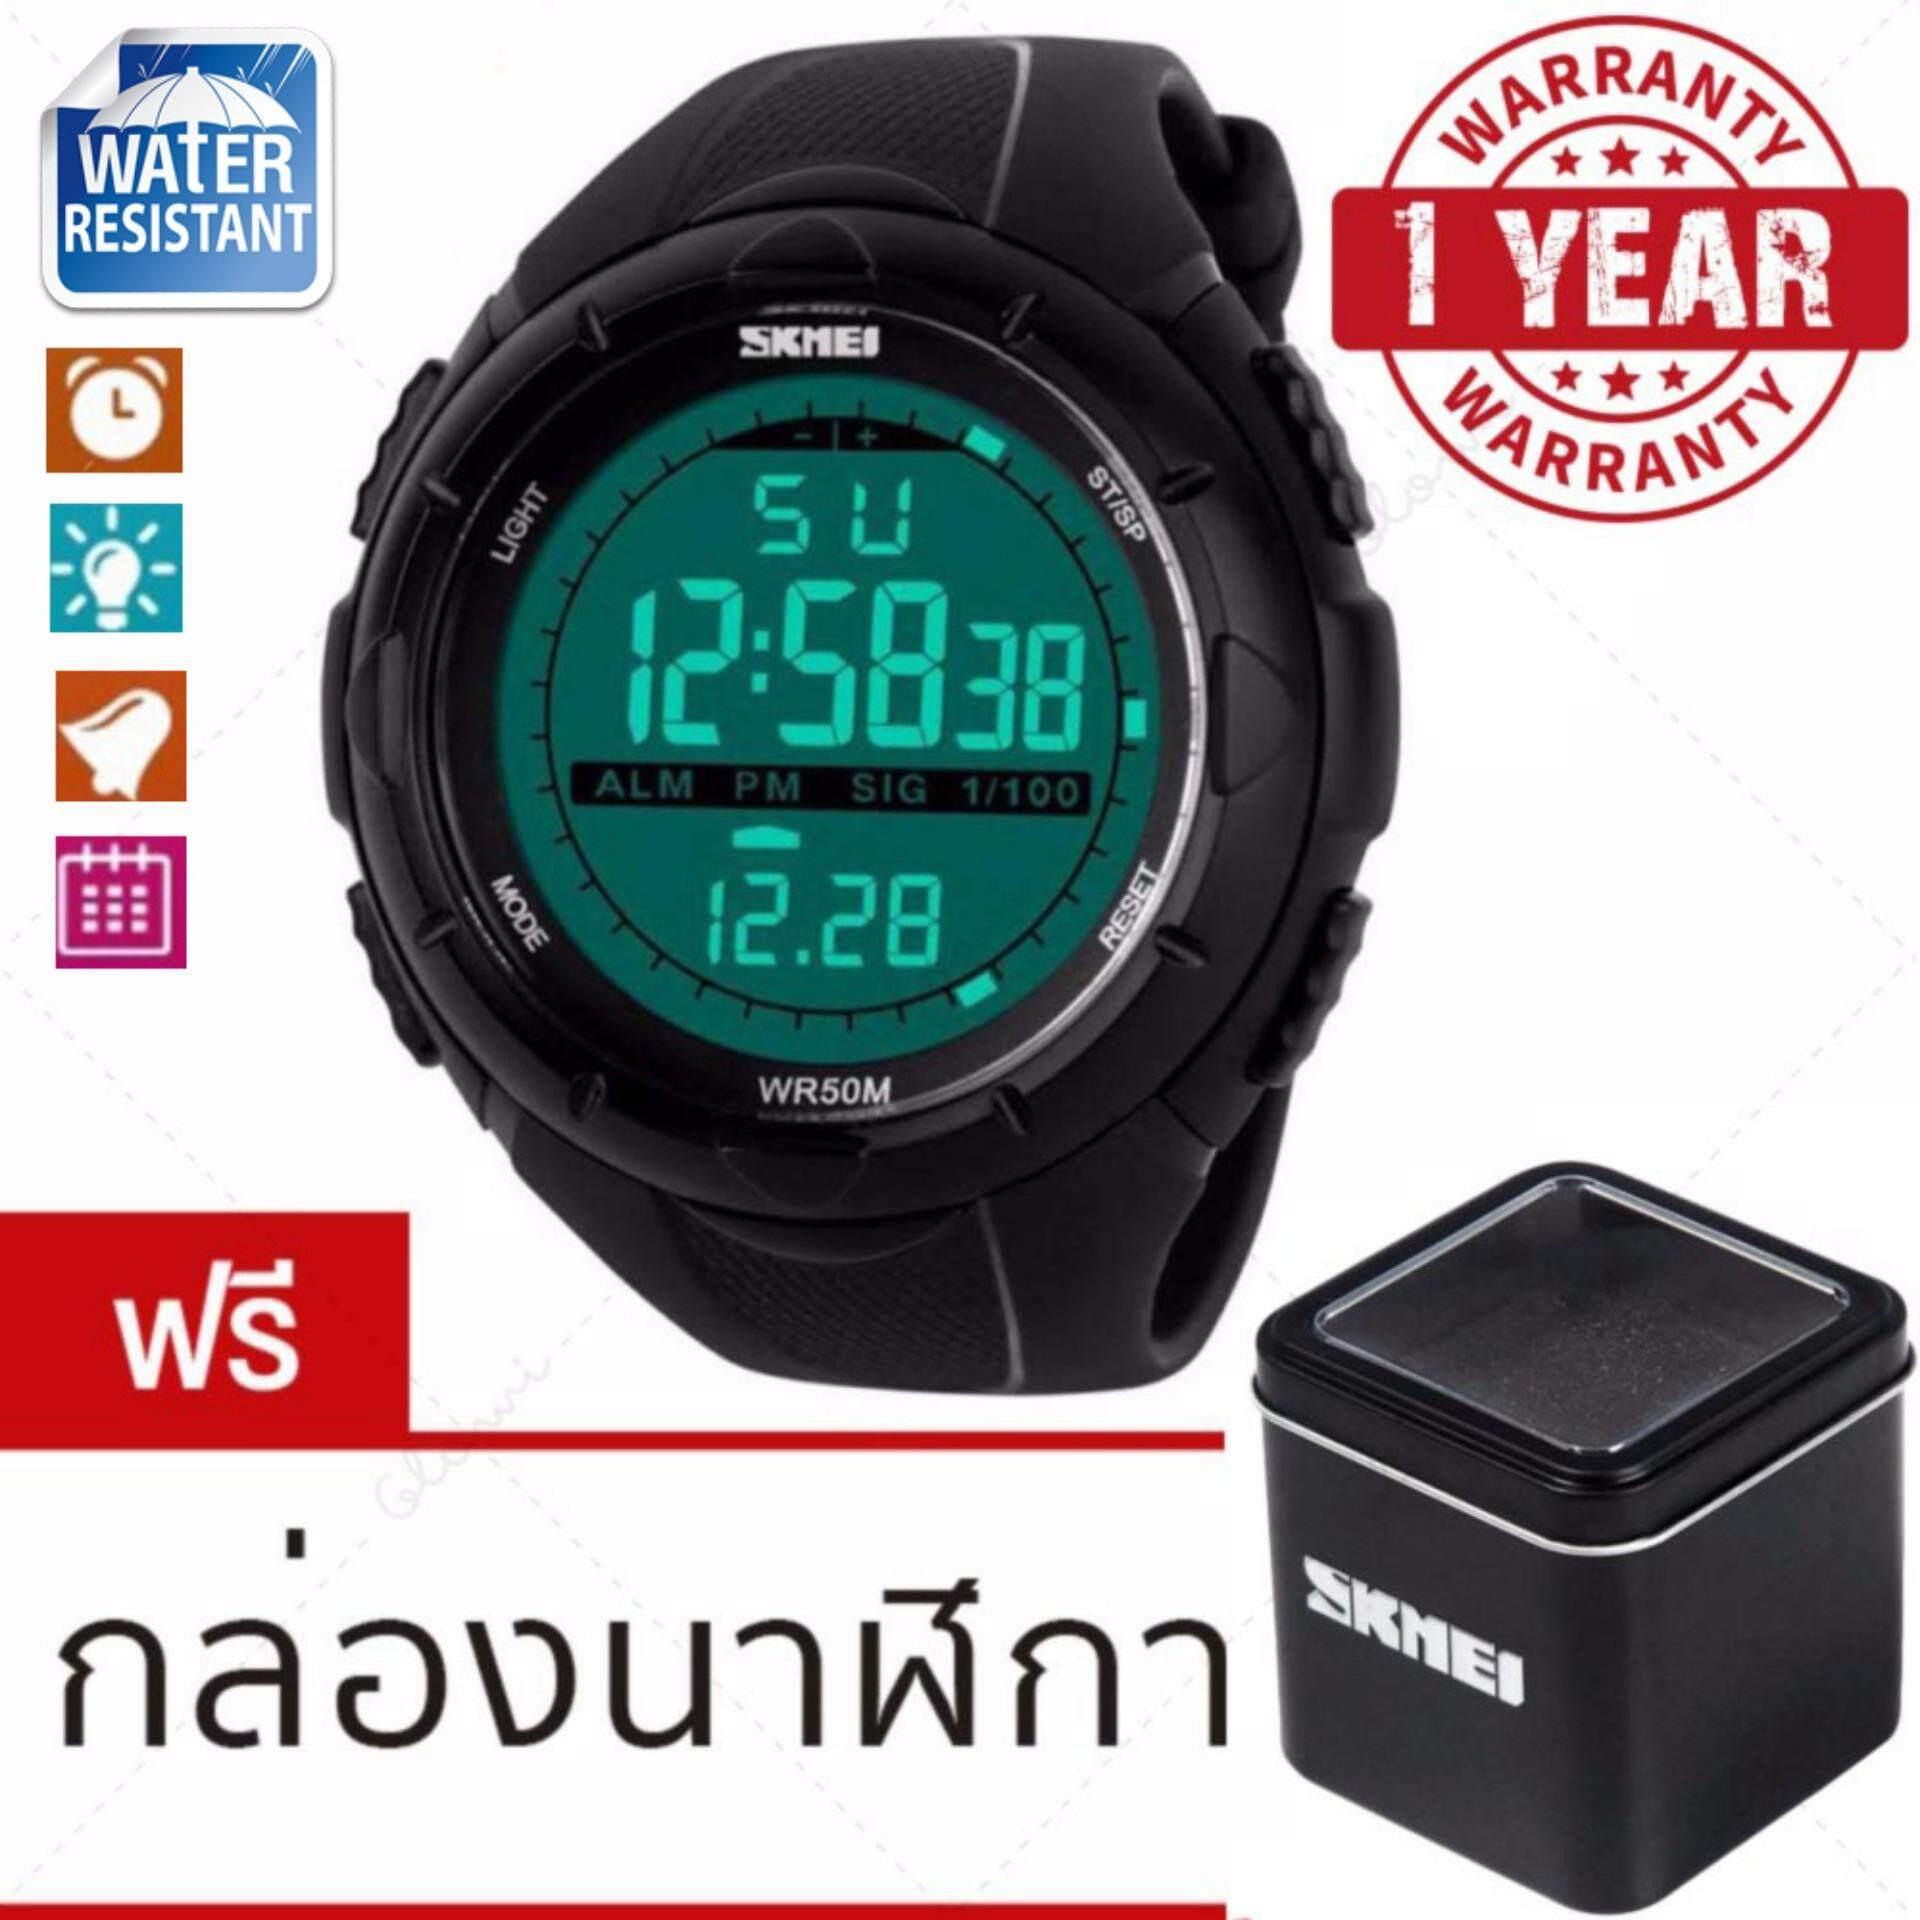 โปรโมชั่น รับประกัน 1 ปี ของแท้แน่นอน Skmei นาฬิกาข้อมือผู้หญิง สไตล์ Sport Digital Watch บอกวันที่ ตั้งปลุก จับเวลา ตัวเลข Led ใหญ่ ชัดเจน กันน้ำ สายเรซิ่นสีดำ รุ่น Sk 1025 สีดำ Black ถูก